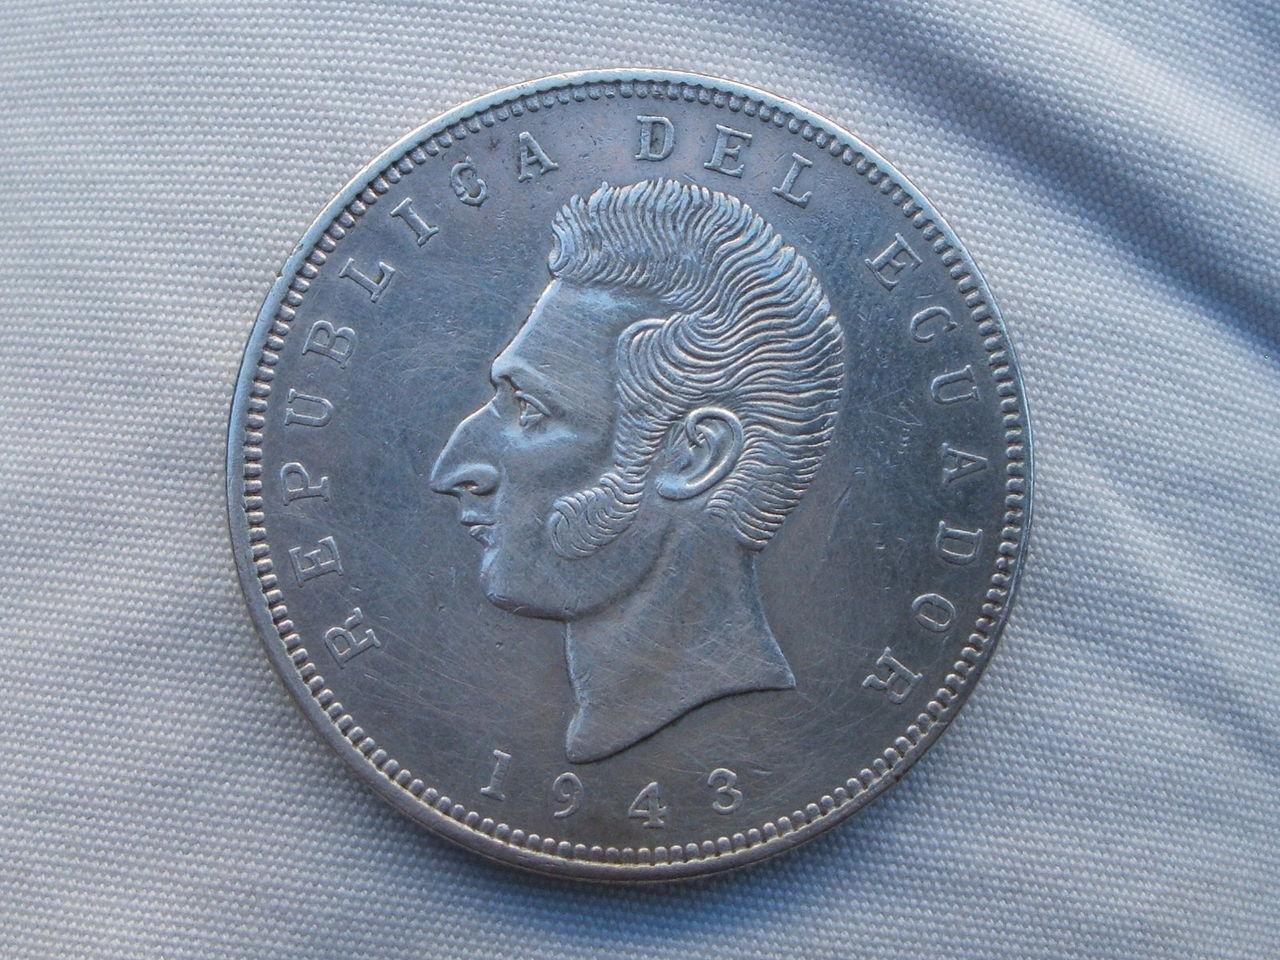 5 Sucres. Ecuador. 1943 Mexicana_2